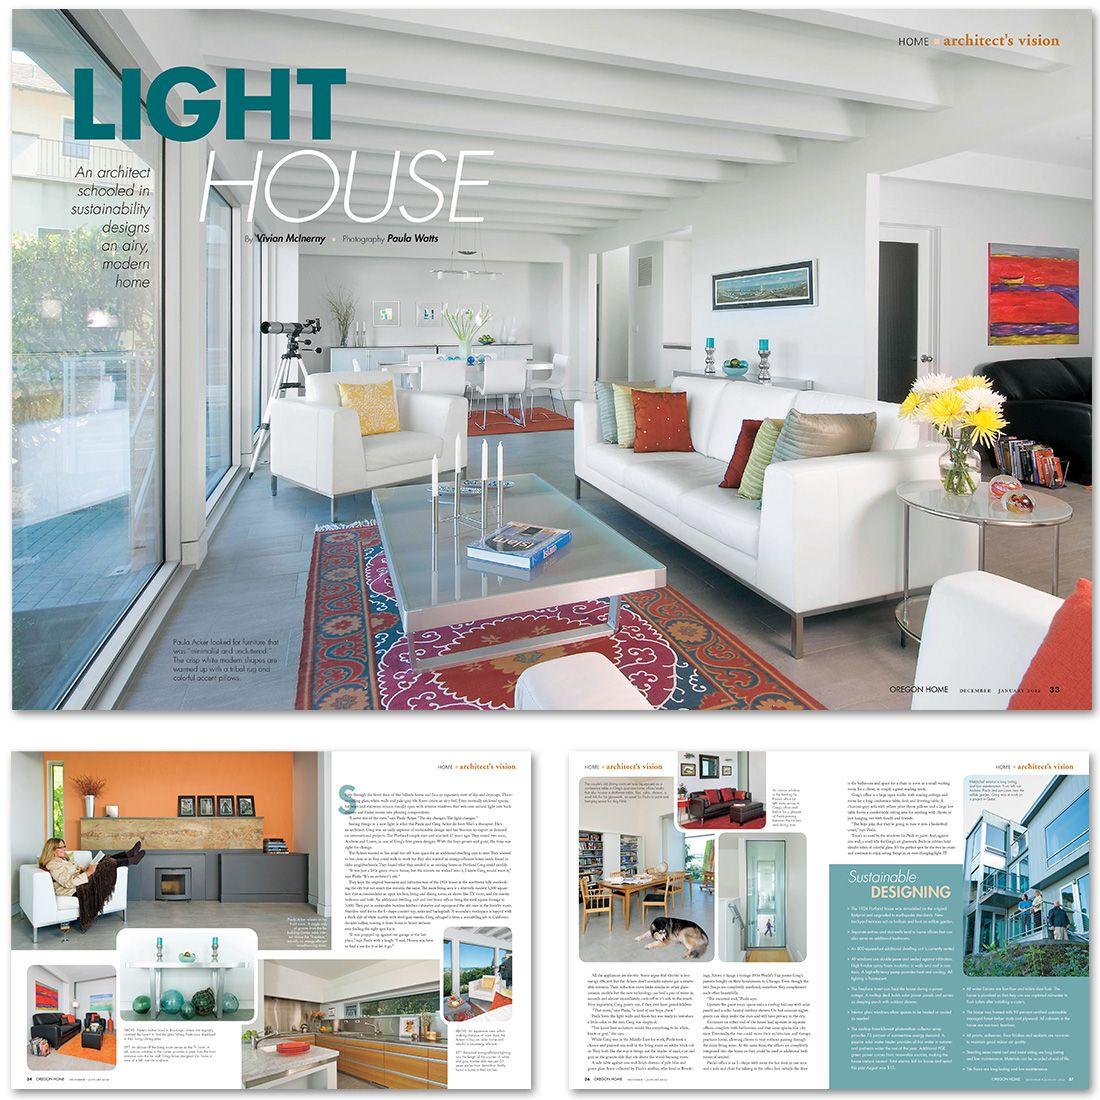 interior design magazine spread - Google Search | Magazine ...